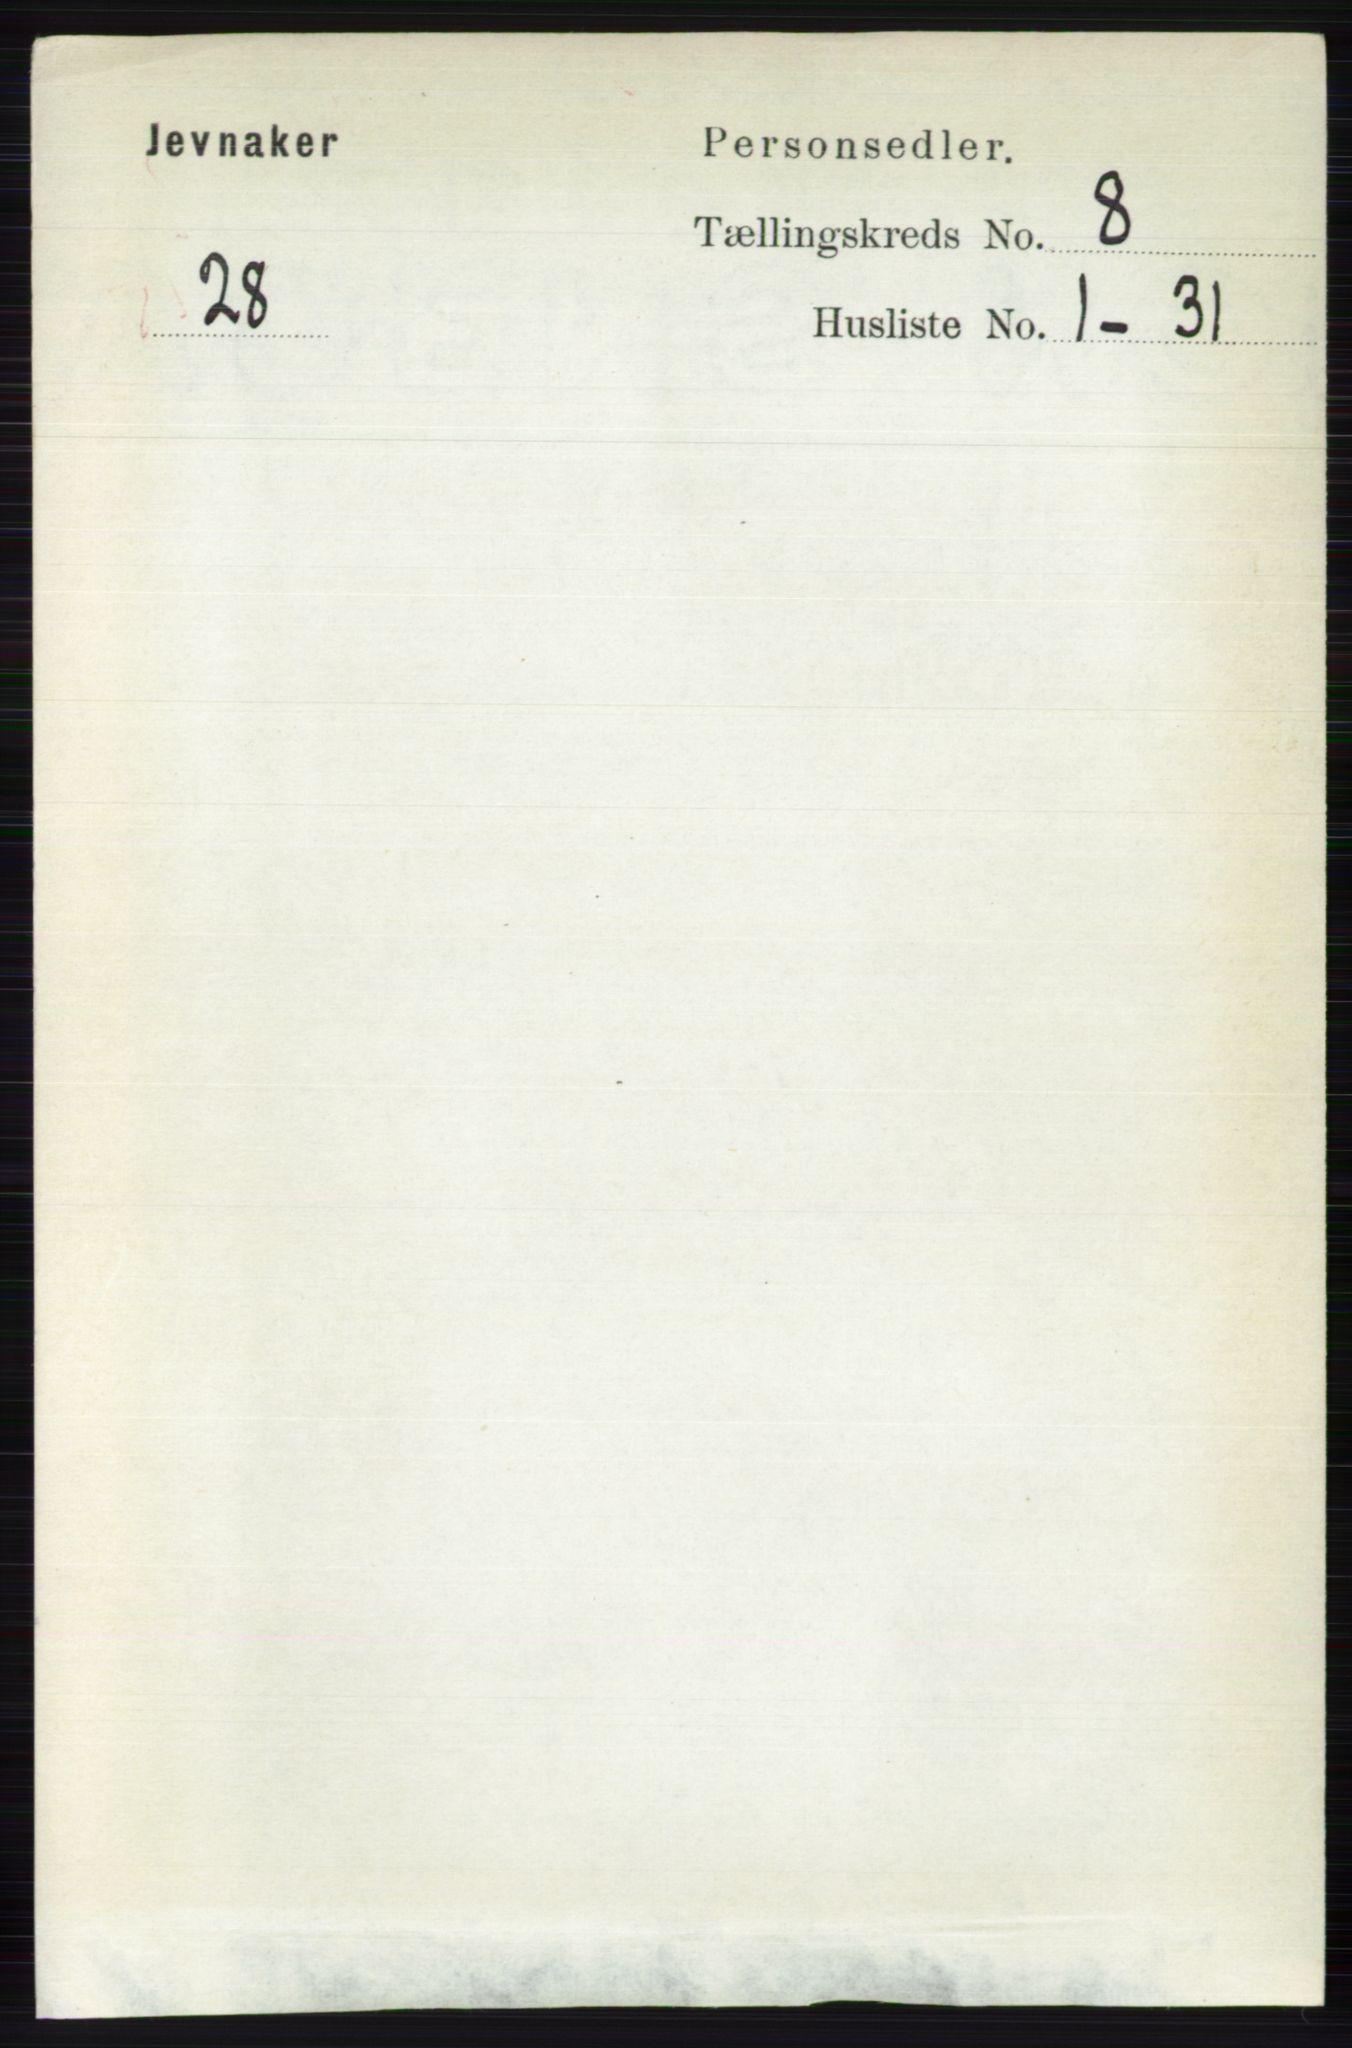 RA, Folketelling 1891 for 0532 Jevnaker herred, 1891, s. 4338